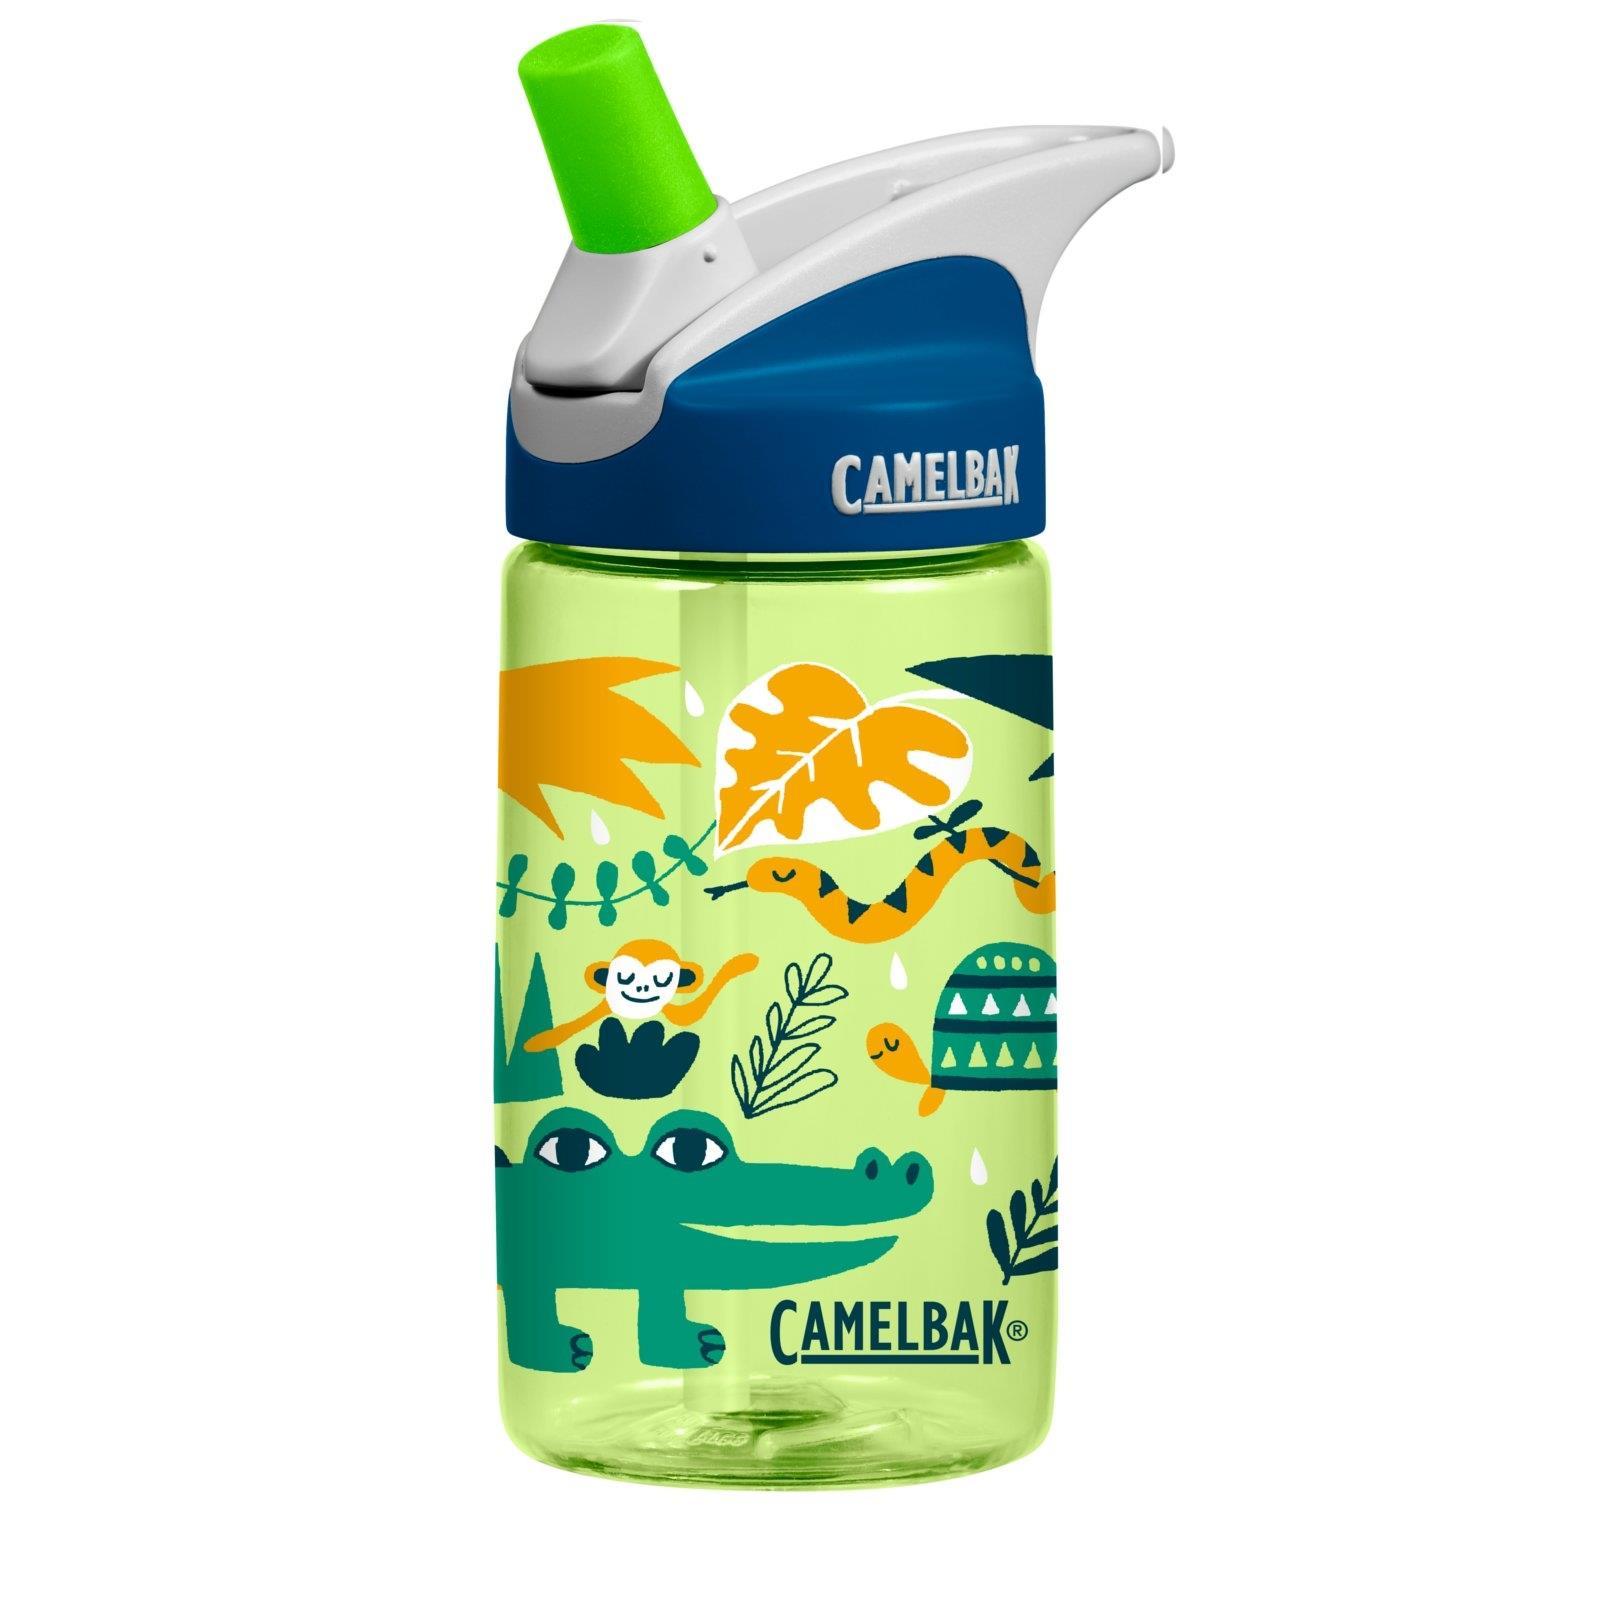 Camelbak Kinder Wasserflasche Eddy Kids 400ml Trinkflasche ...